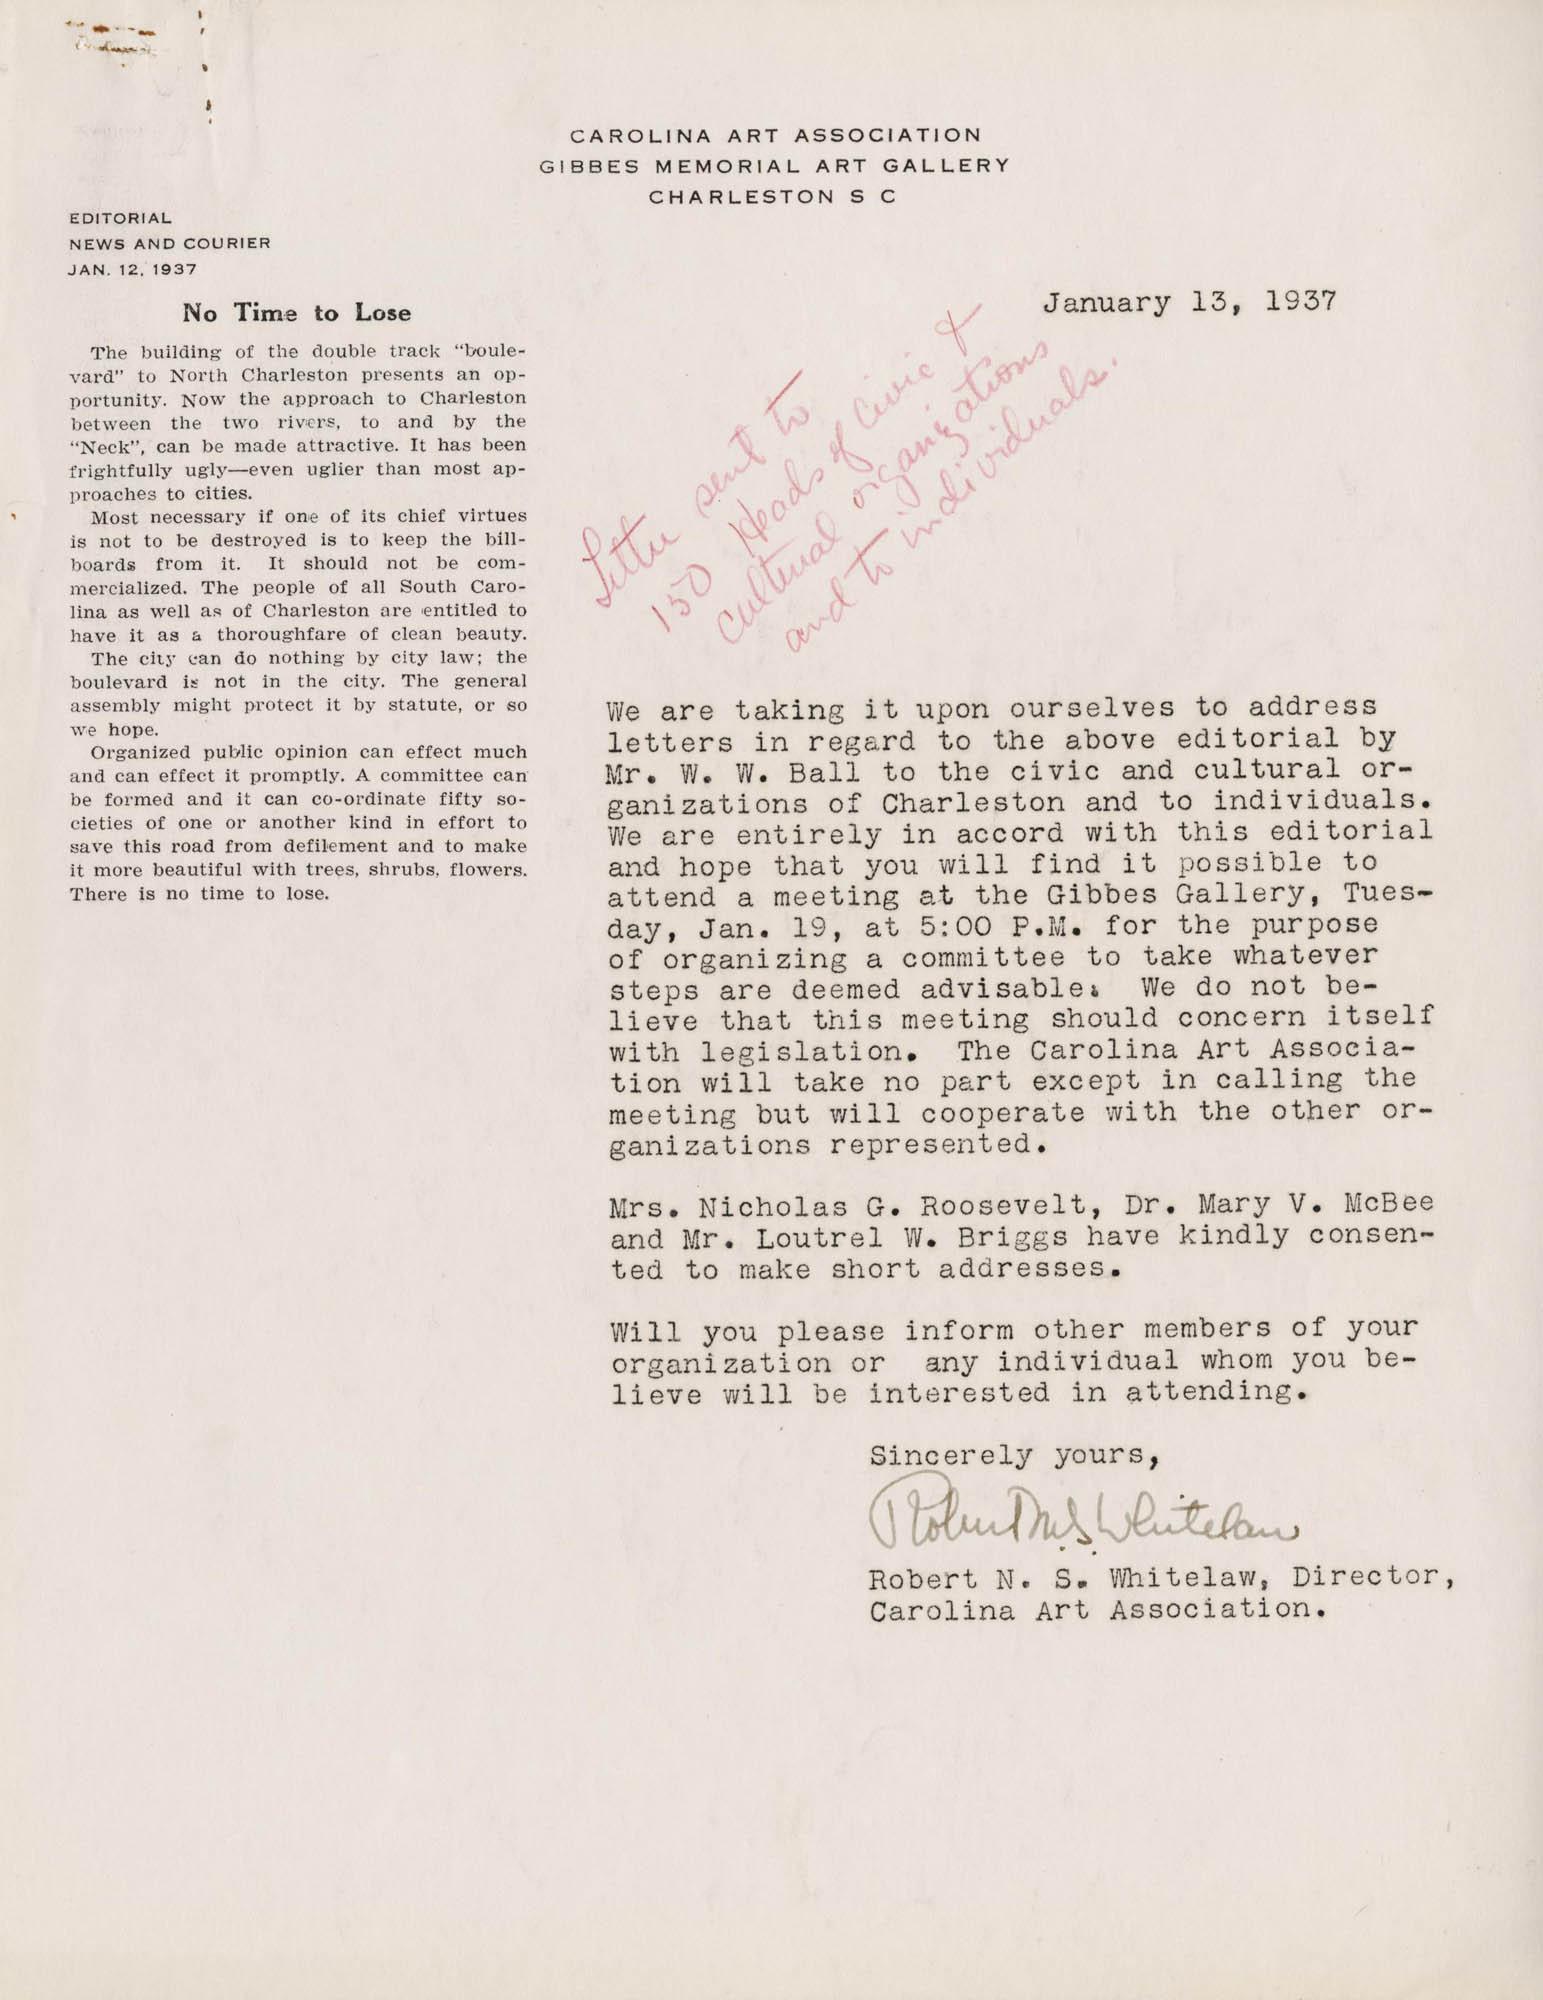 Folder 48: Whitelaw Letter 1